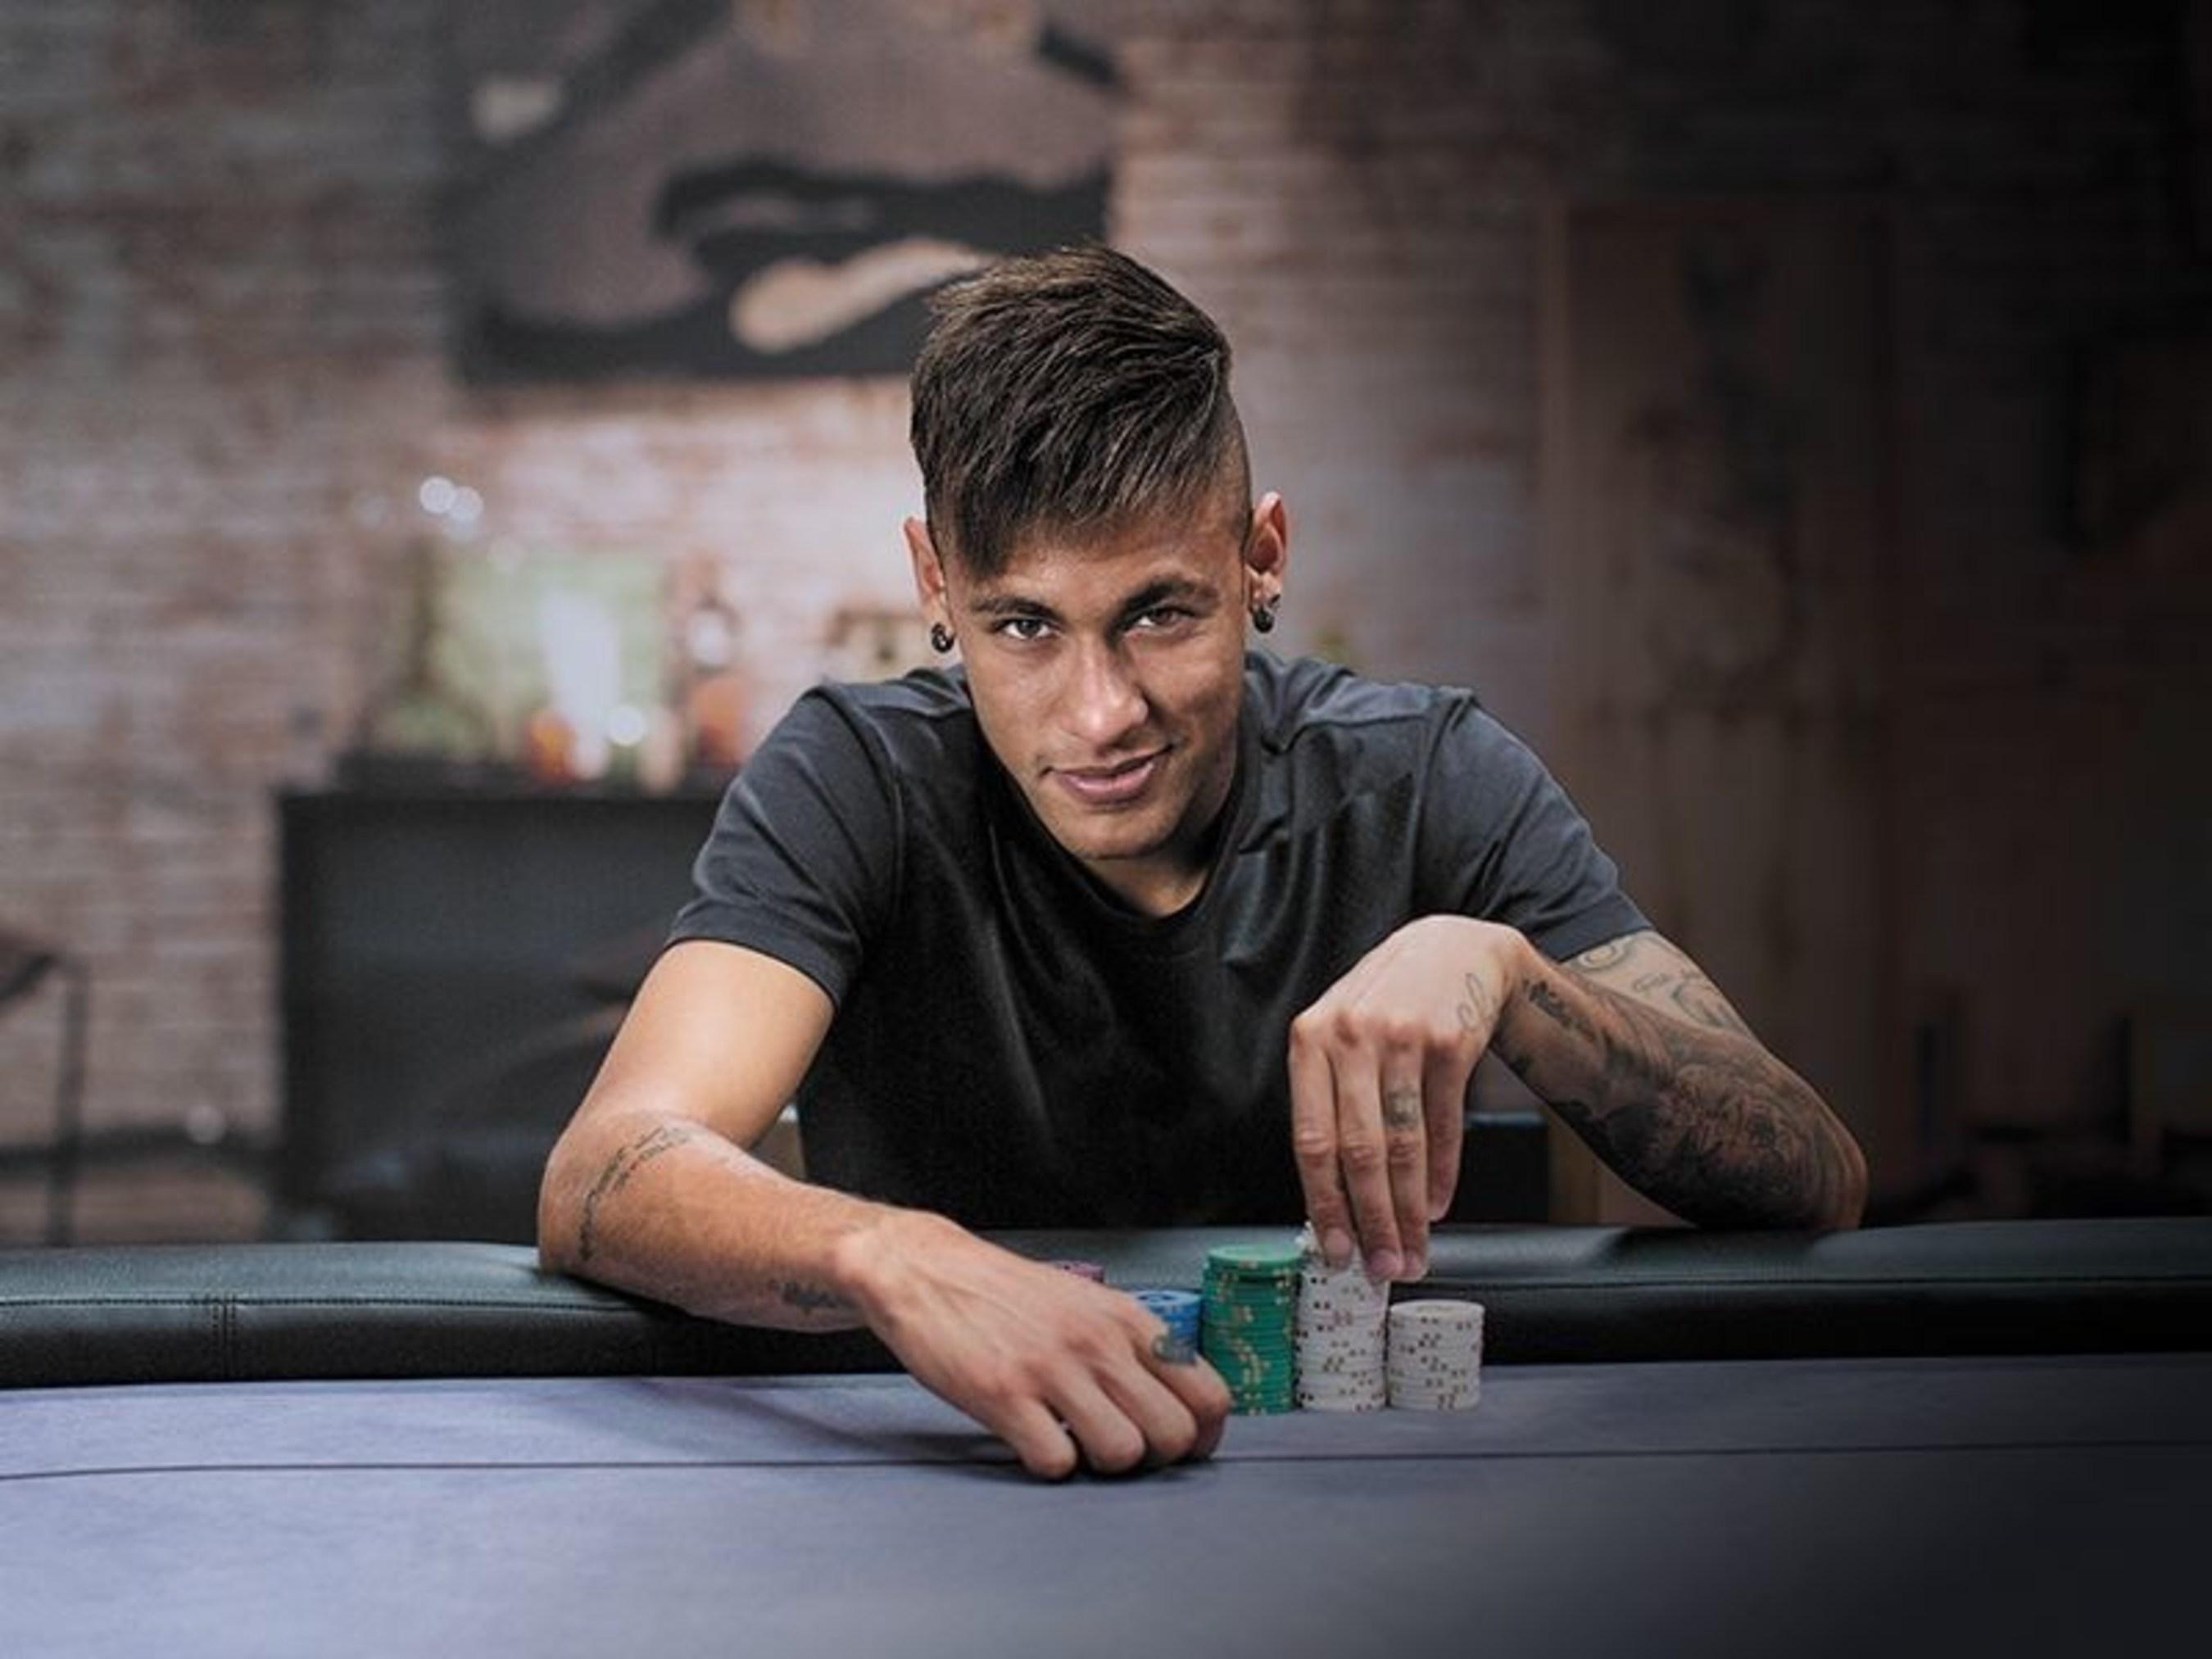 PokerStars lança campanha exclusiva no Facebook com Cristiano Ronaldo e Neymar Jr